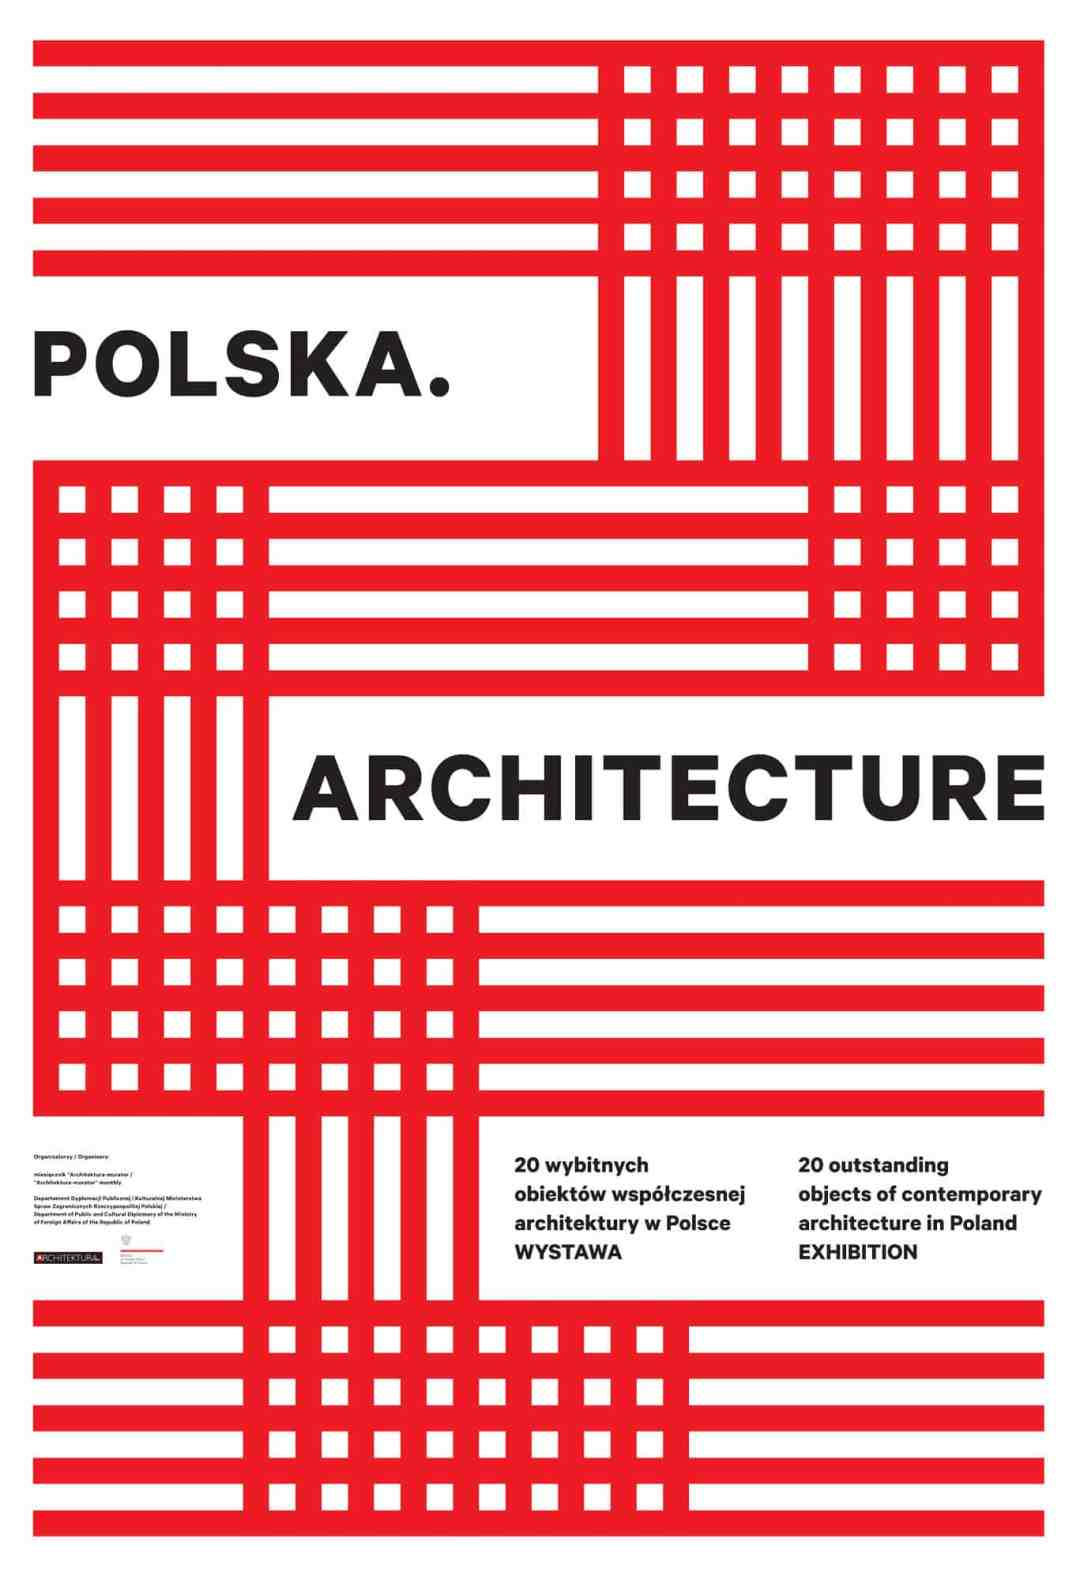 Bak---Polska-Architecture